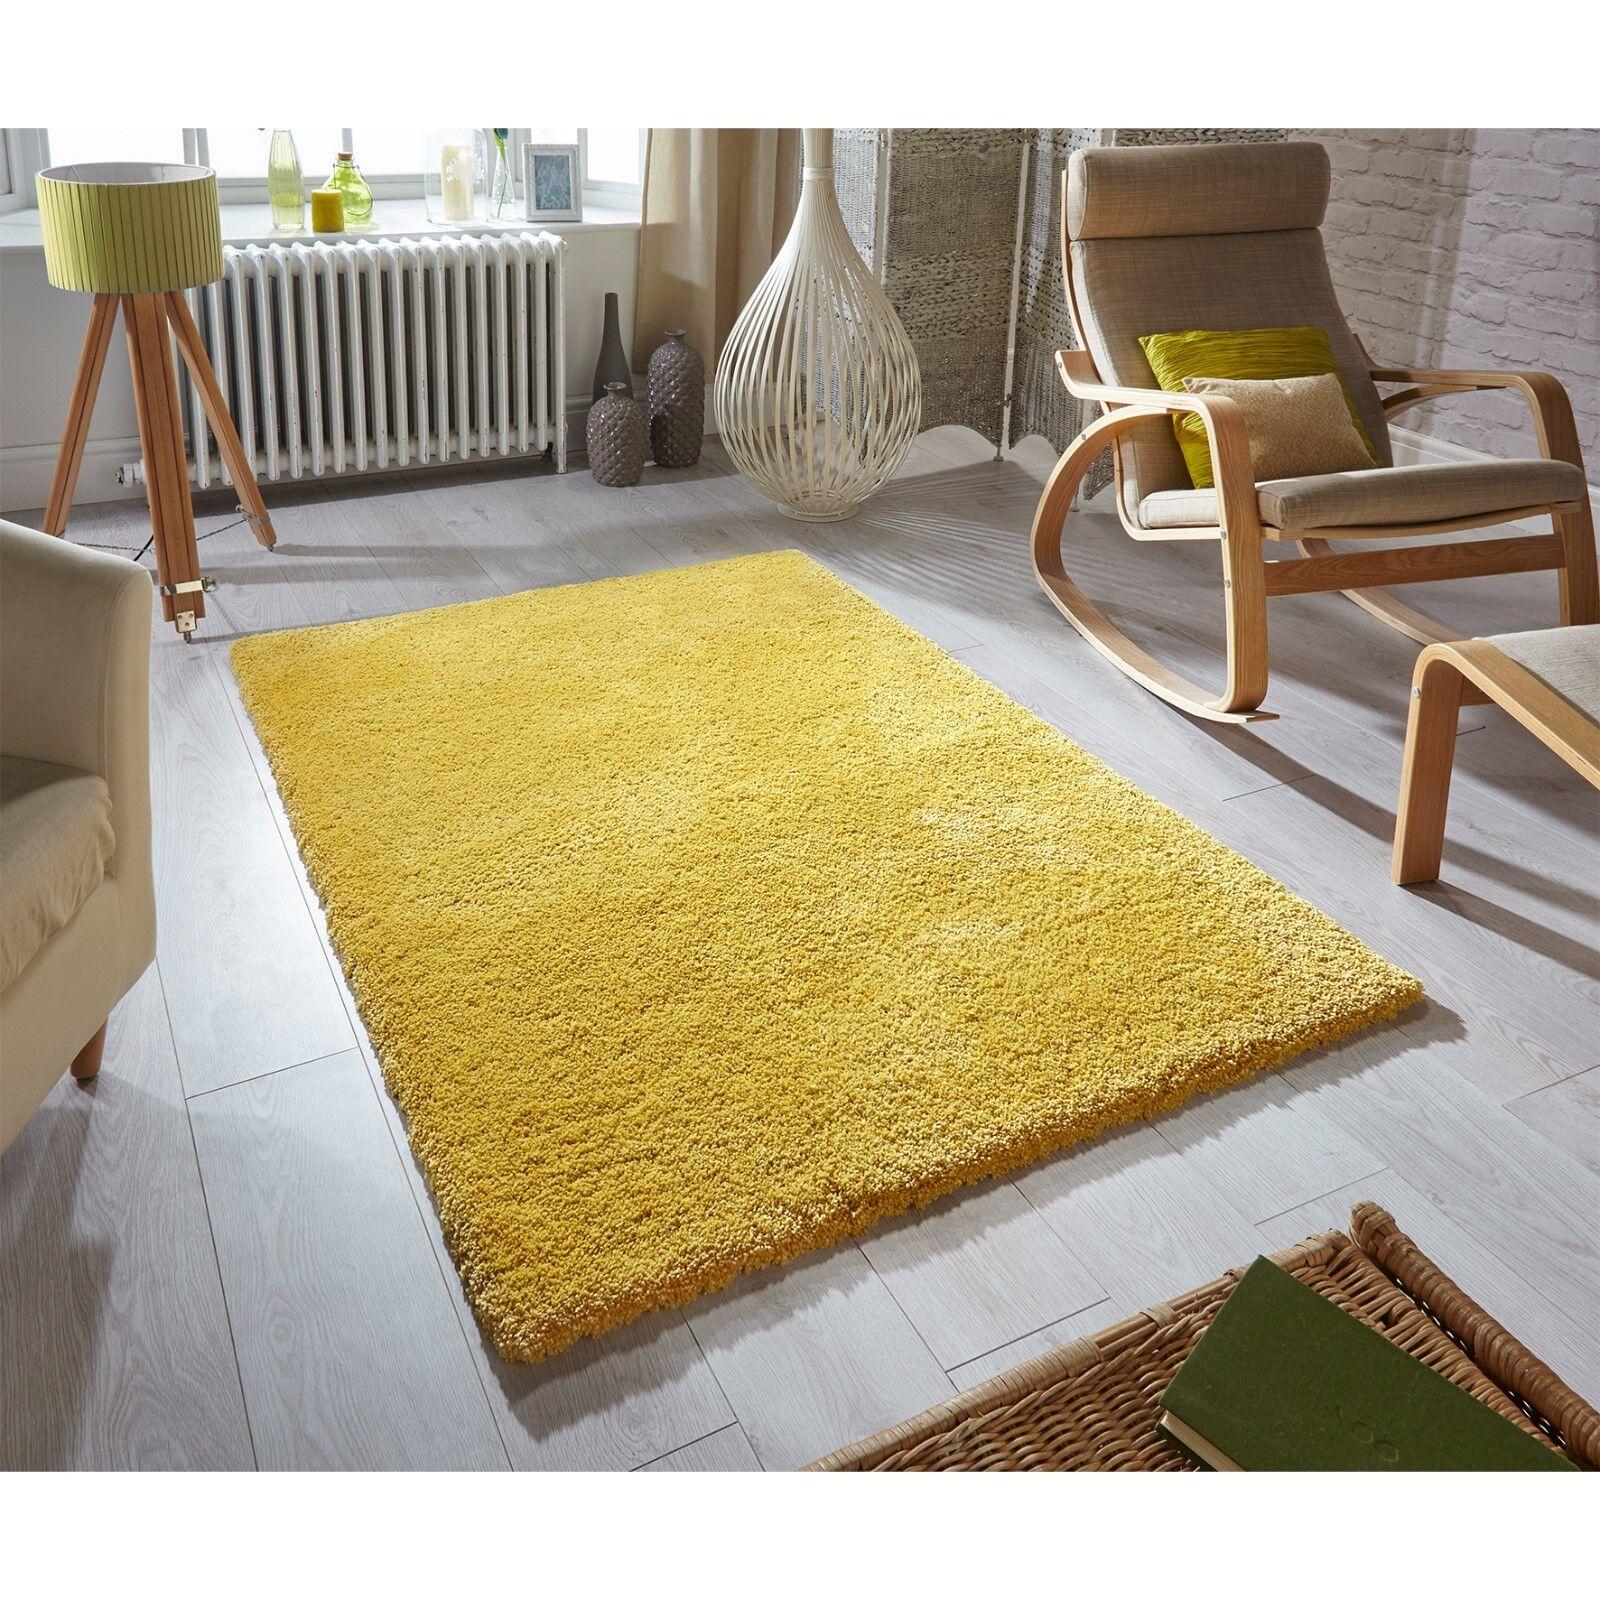 Douceur doux jaune moutarde super doux Douceur tapis ébouriffé disponible en divers tailles 47248c